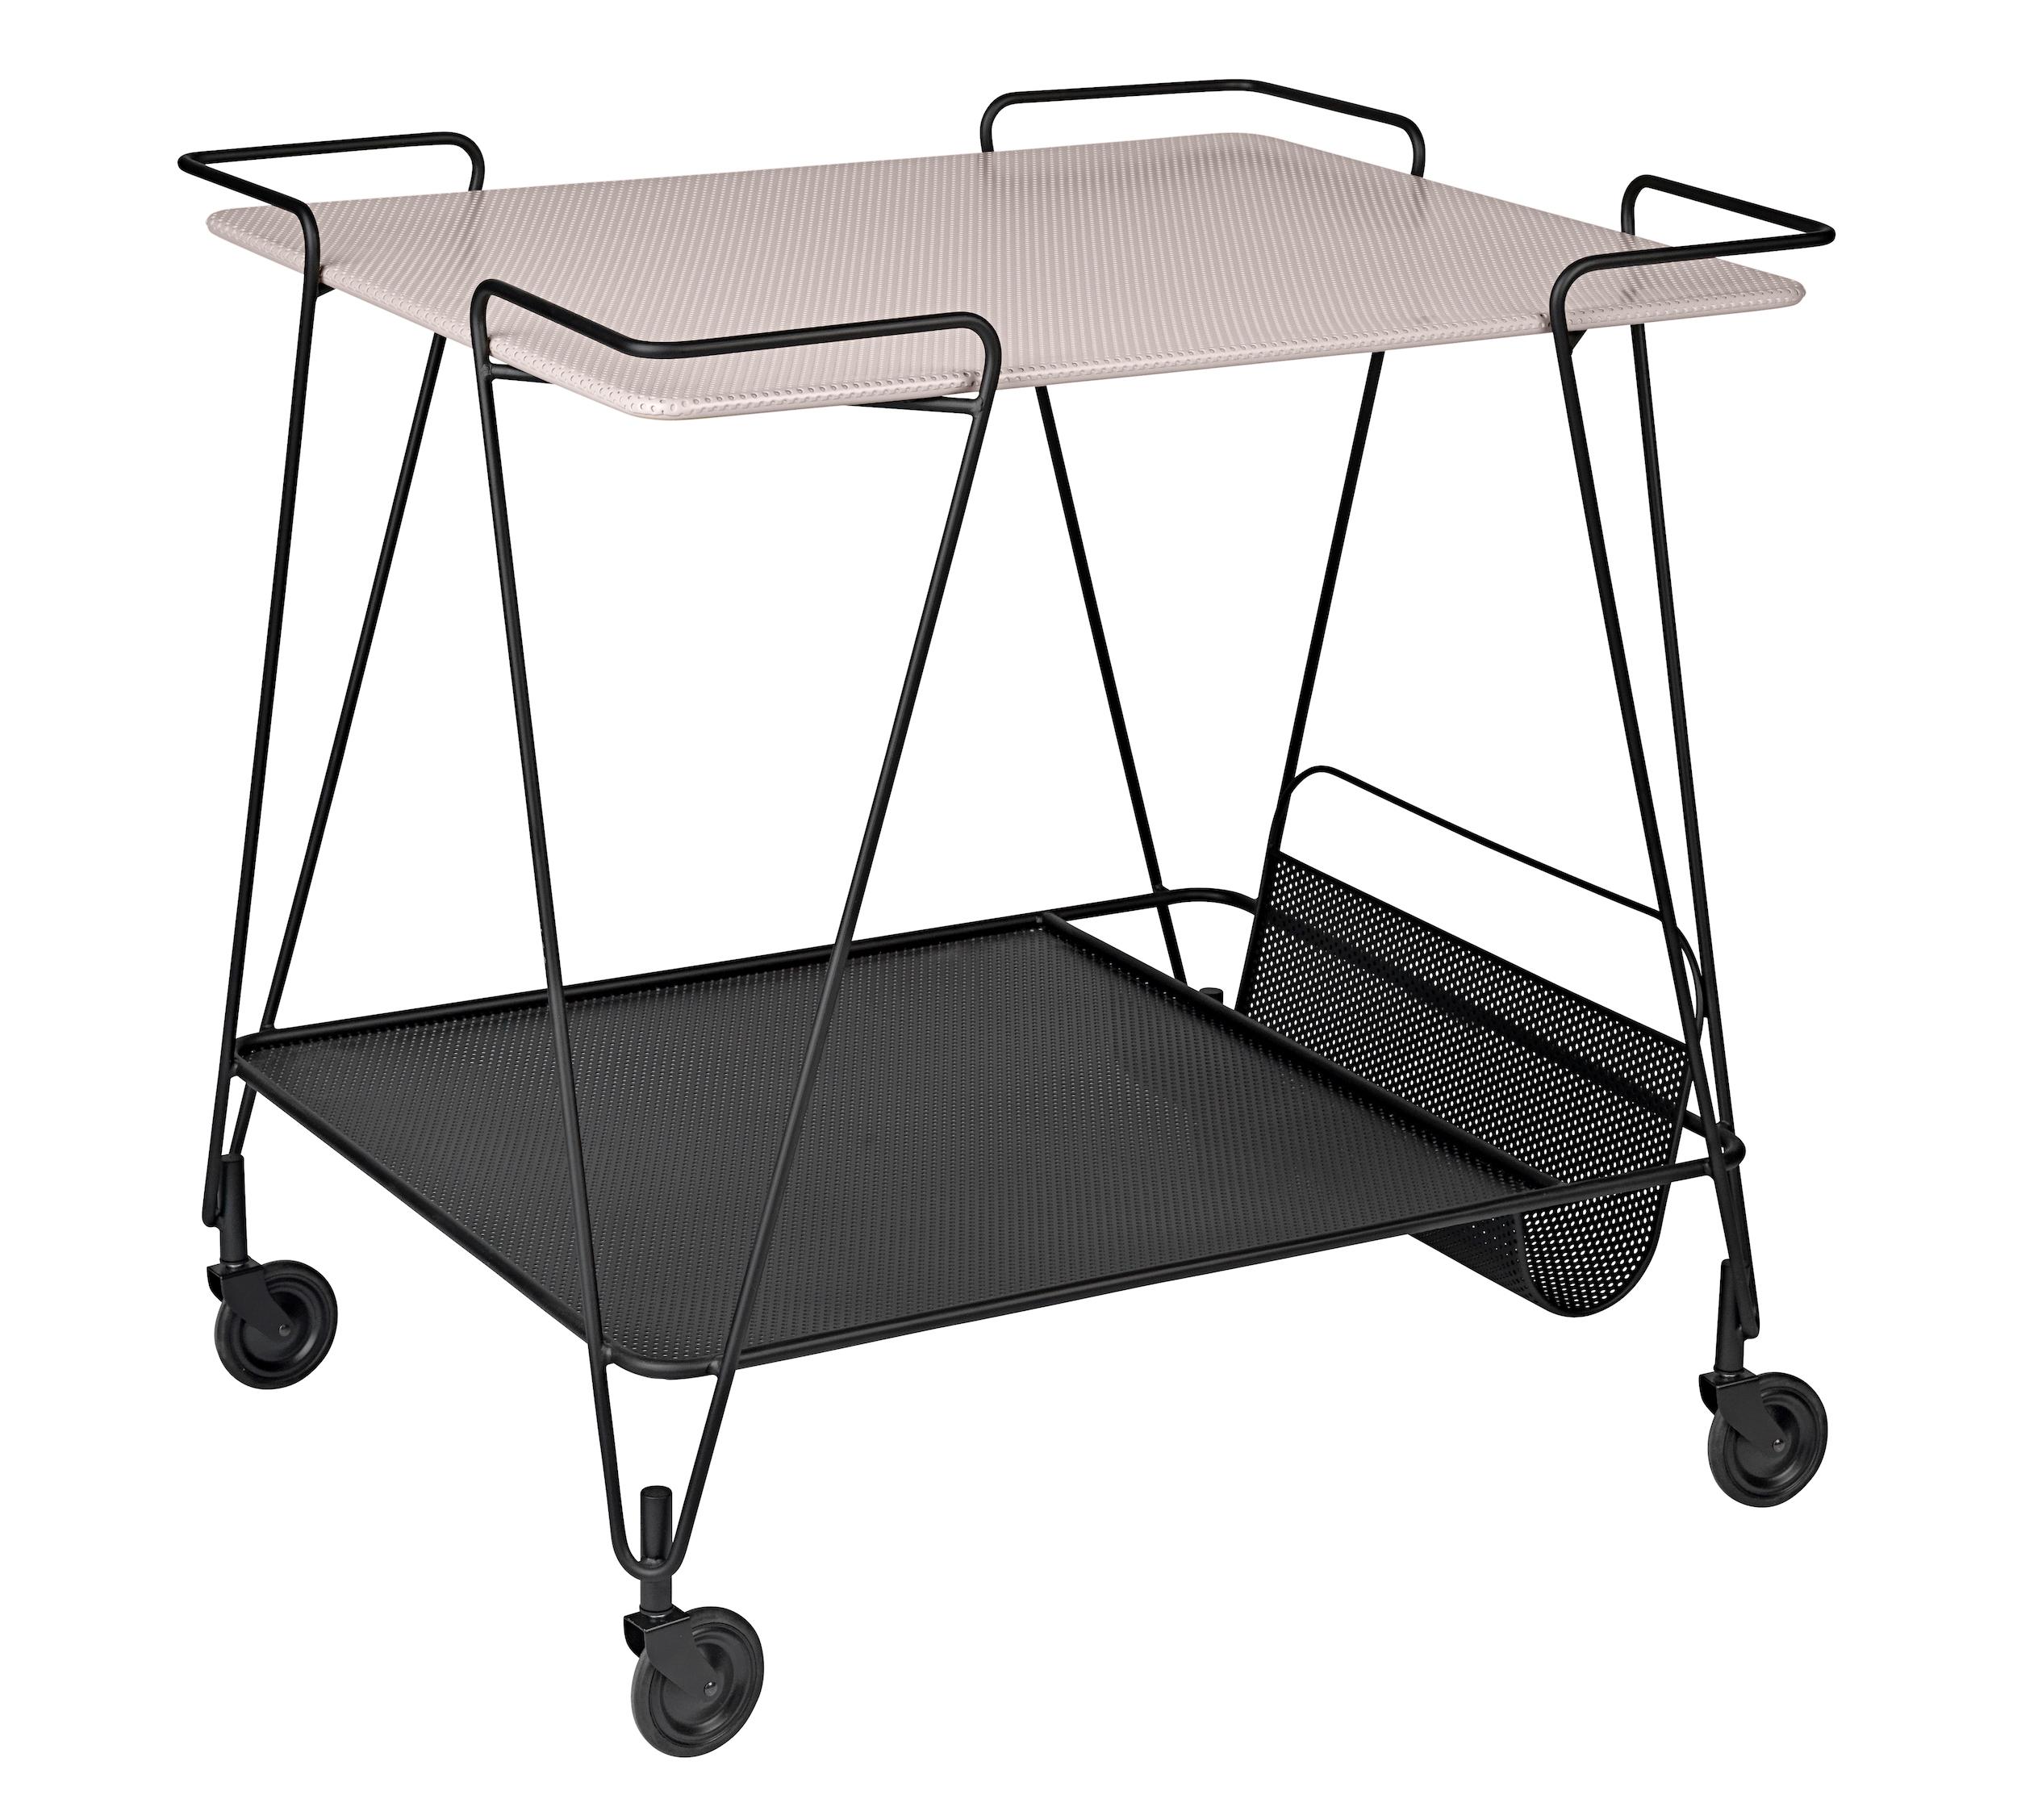 gubi trolley mat got design mathieu mat got. Black Bedroom Furniture Sets. Home Design Ideas